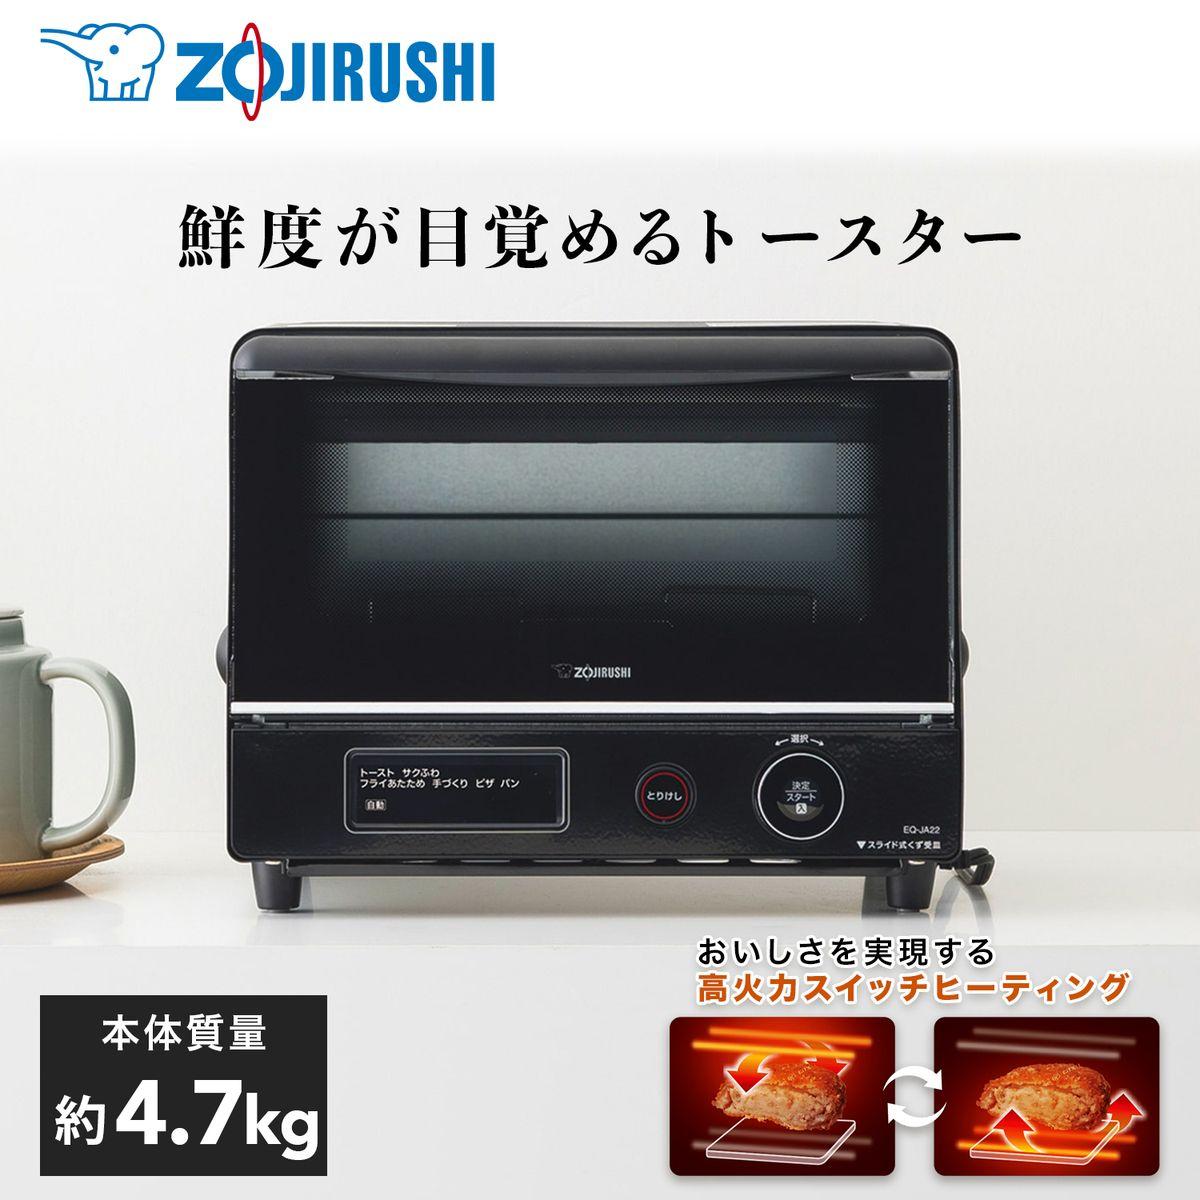 象印 オーブントースターこんがり倶楽部 ブラック EQ-JA22-BA